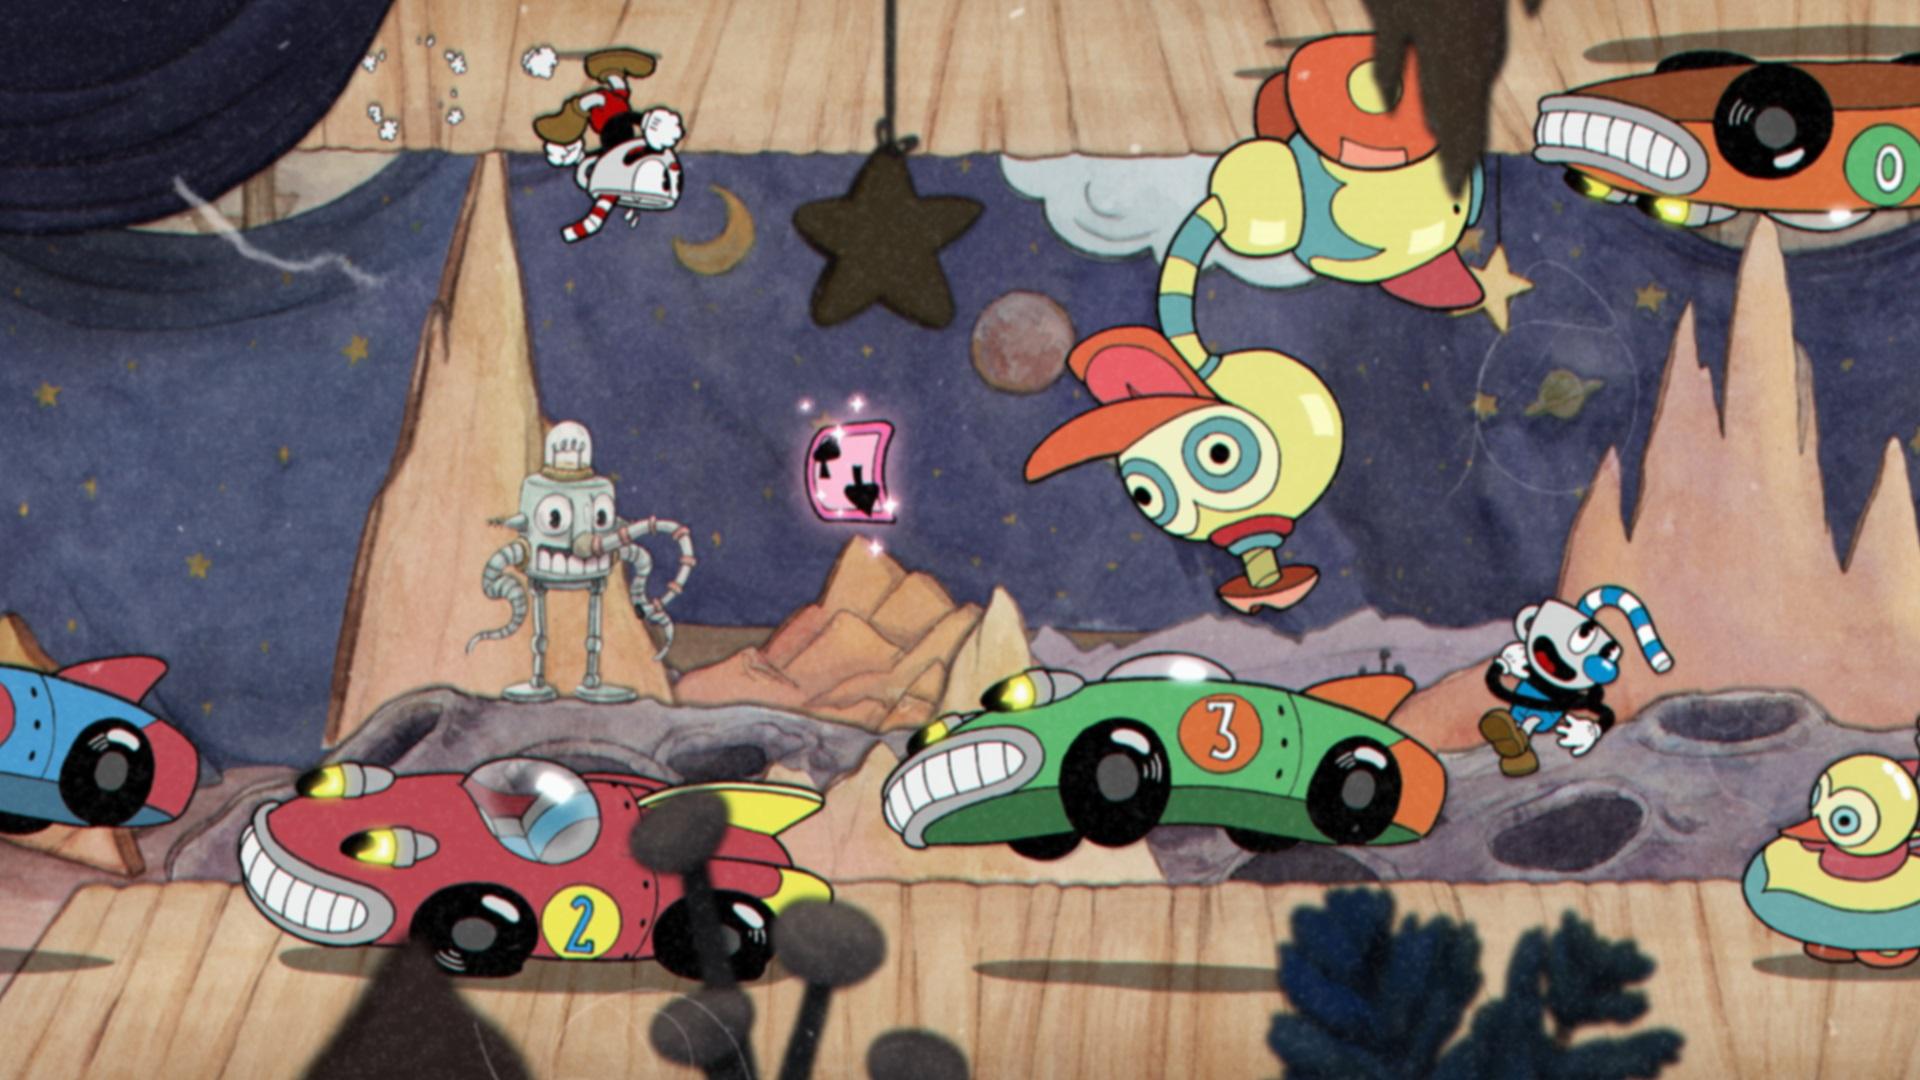 Imagem do jogo Cuphead: Don't Deal with the Devil, que mostra uma fase cheia de carros que andam no teto. O jogo é inspirado em desenhos animados das décadas de 20 e 30.